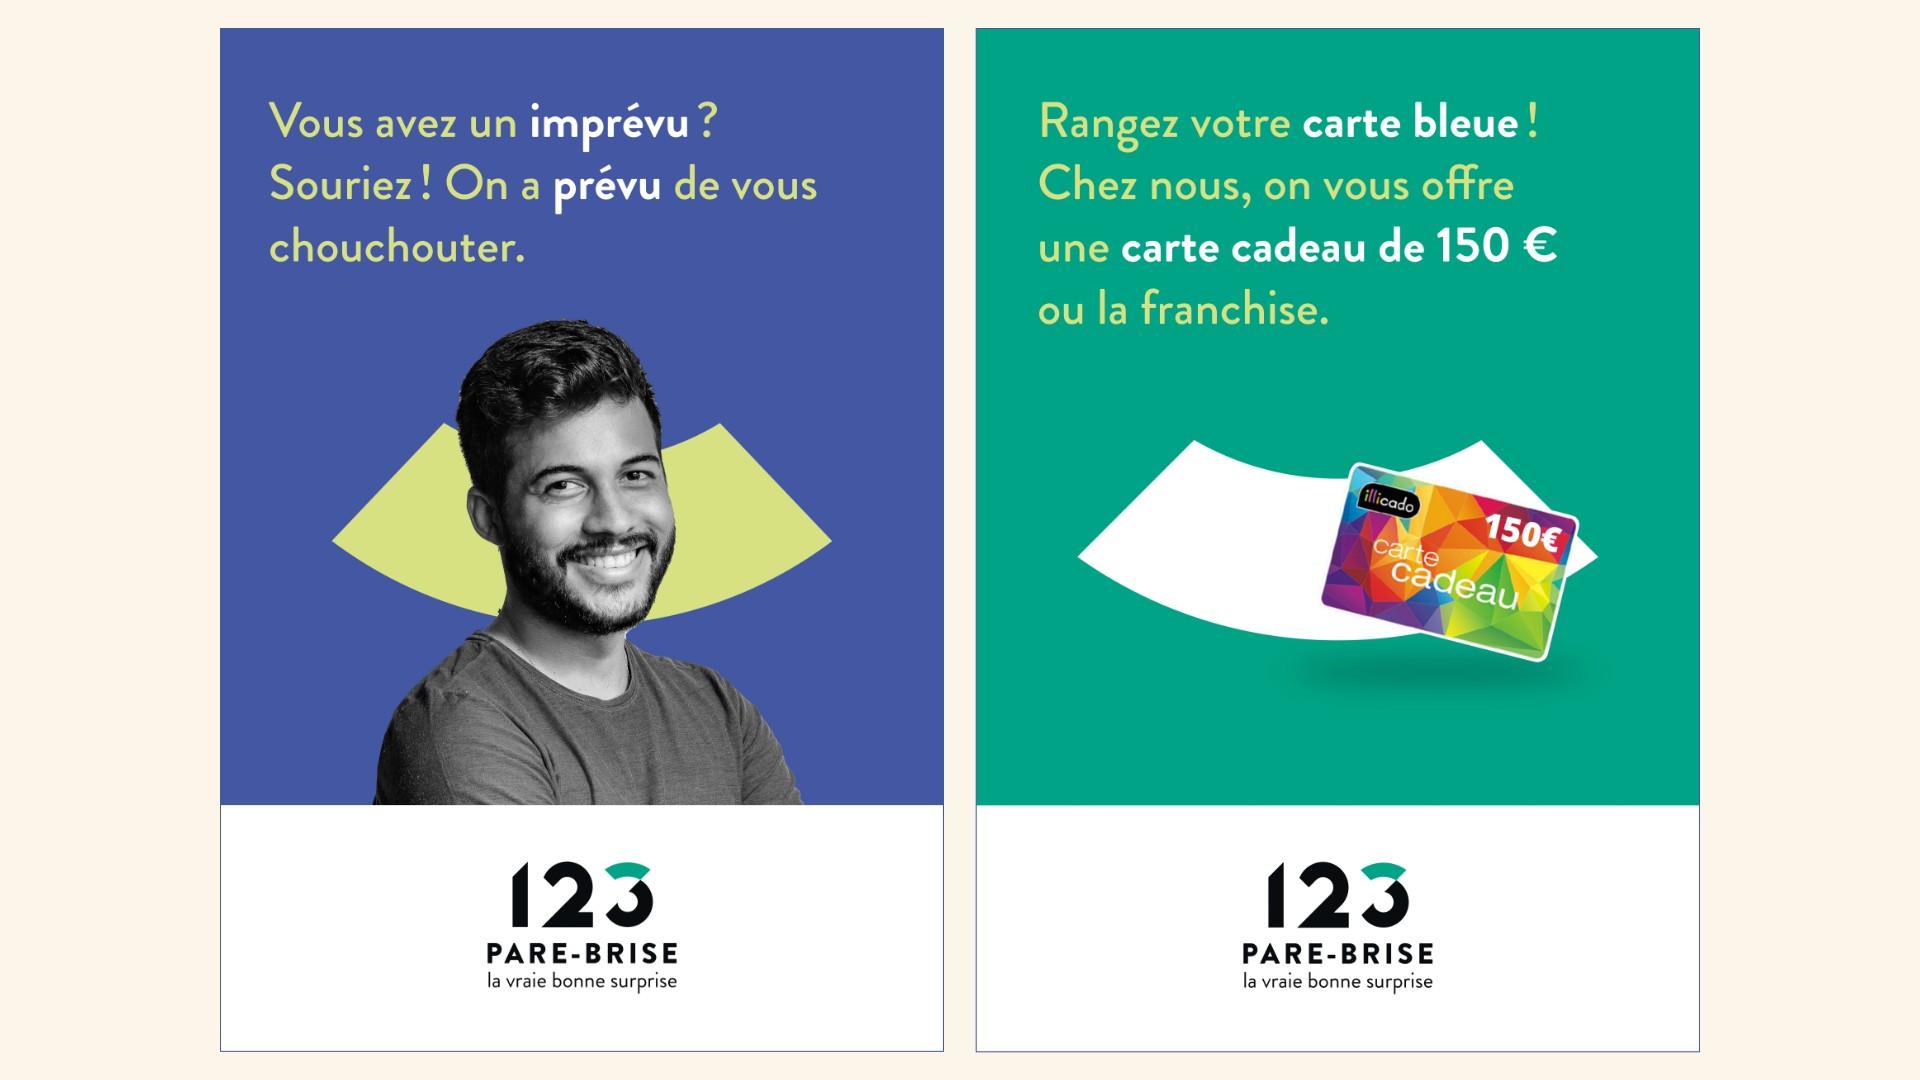 affiche test campagne 123 pare-brise